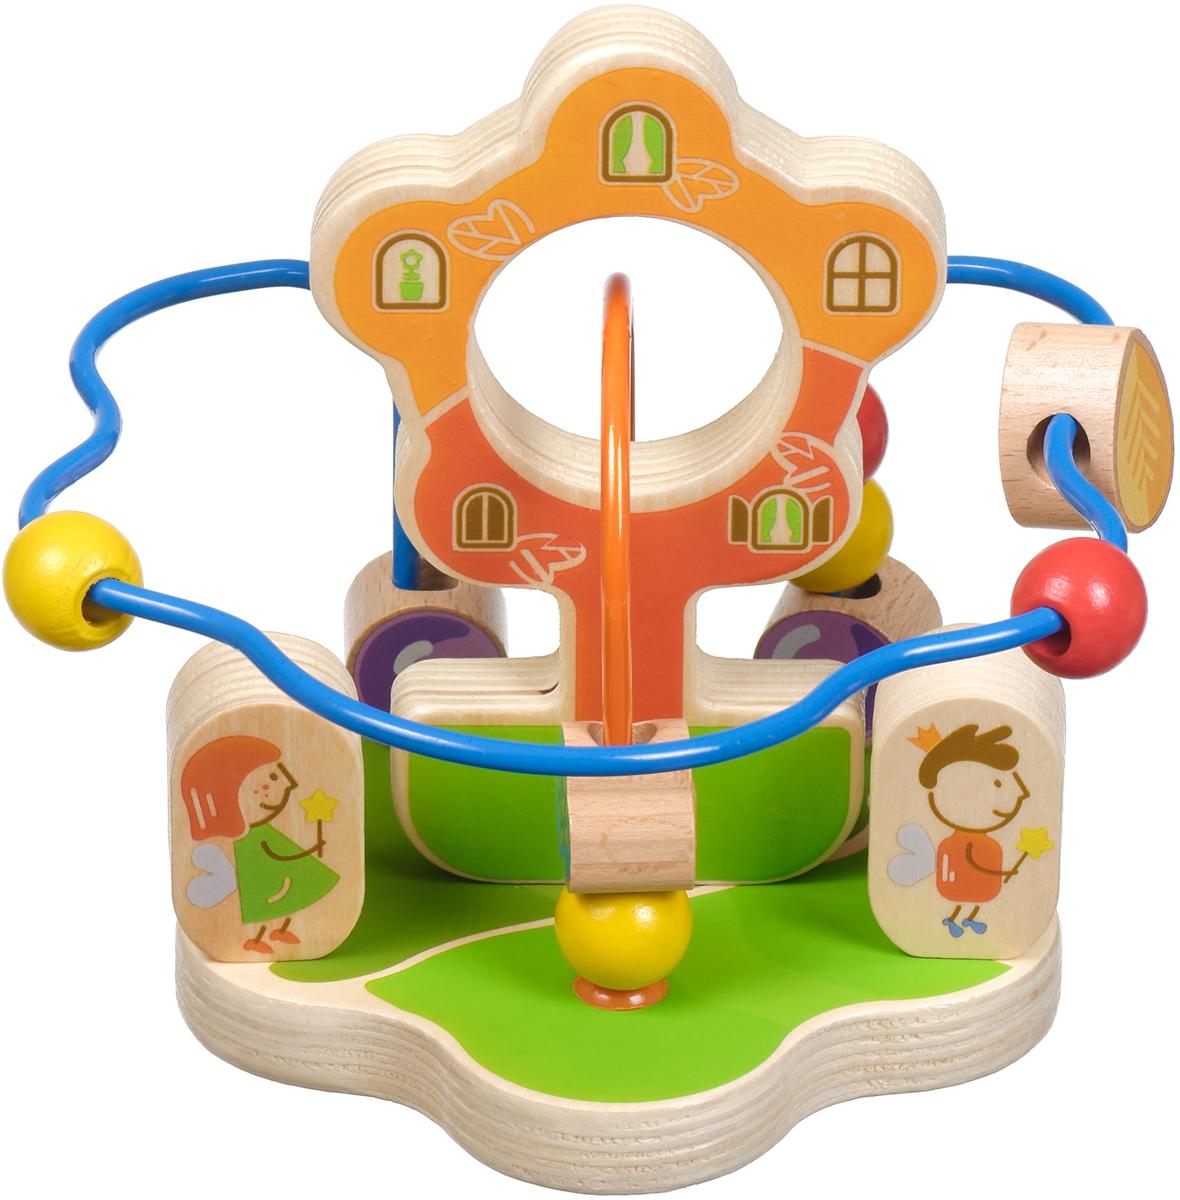 Игрушки из дерева Обучающая игра Лабиринт Волшебный цветок корвет обучающая игра удивляйка 1